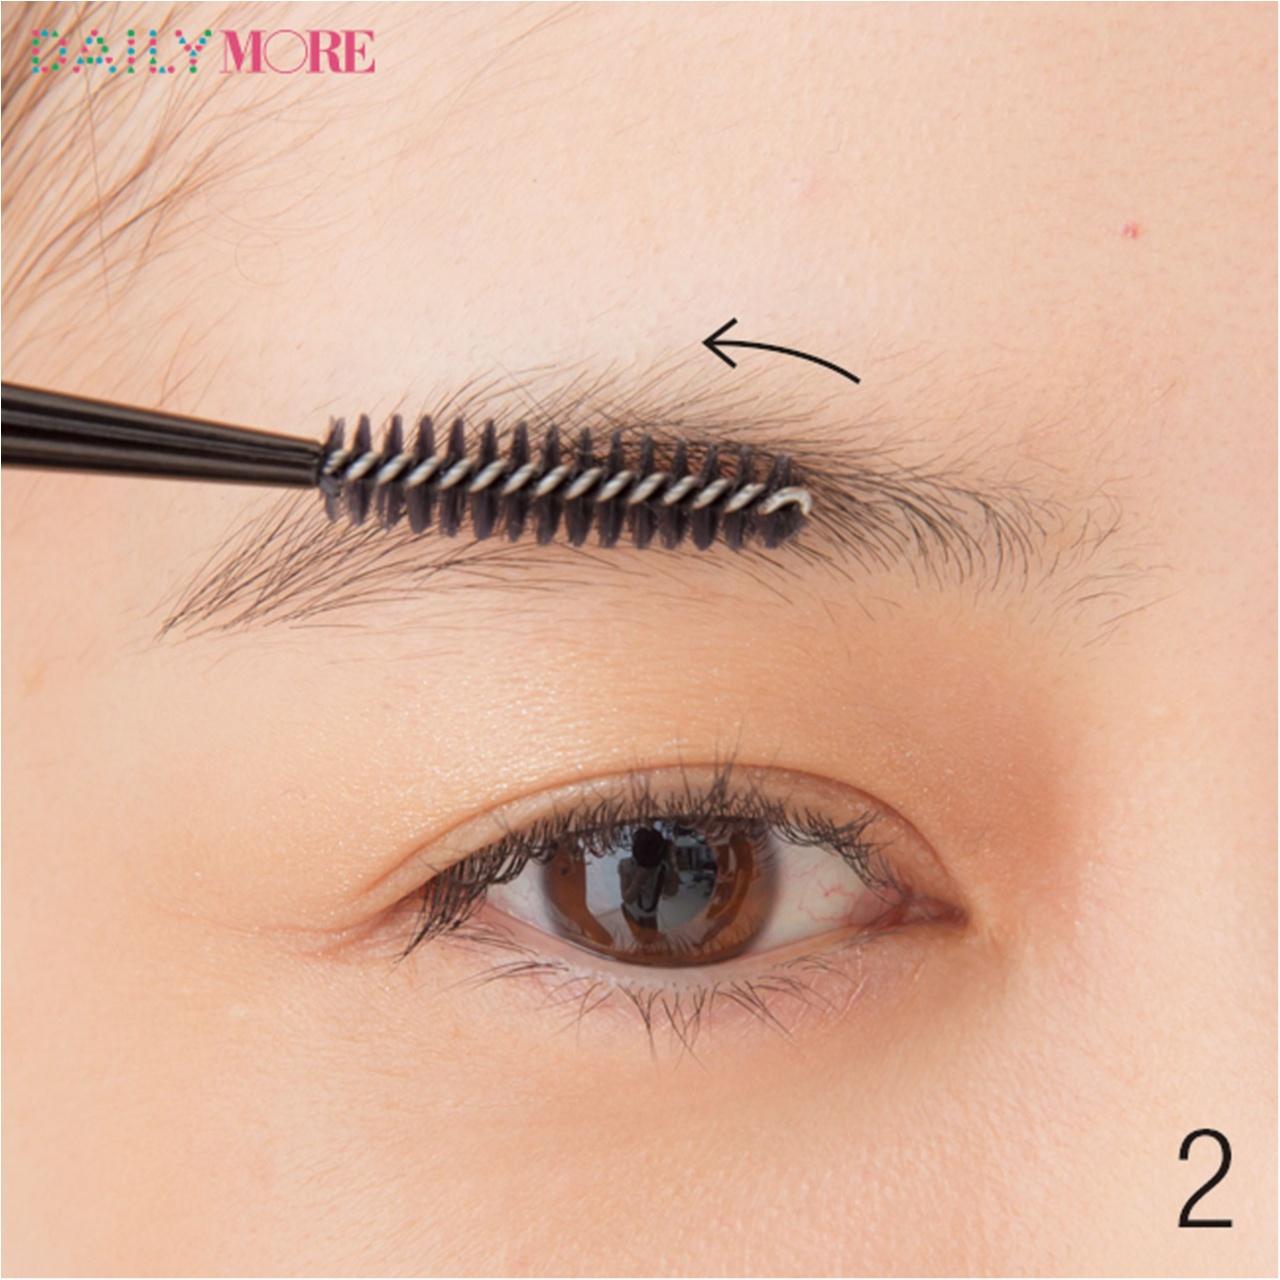 平行眉メイク特集 - 眉毛の形の整え方、描き方のポイントまとめ_4